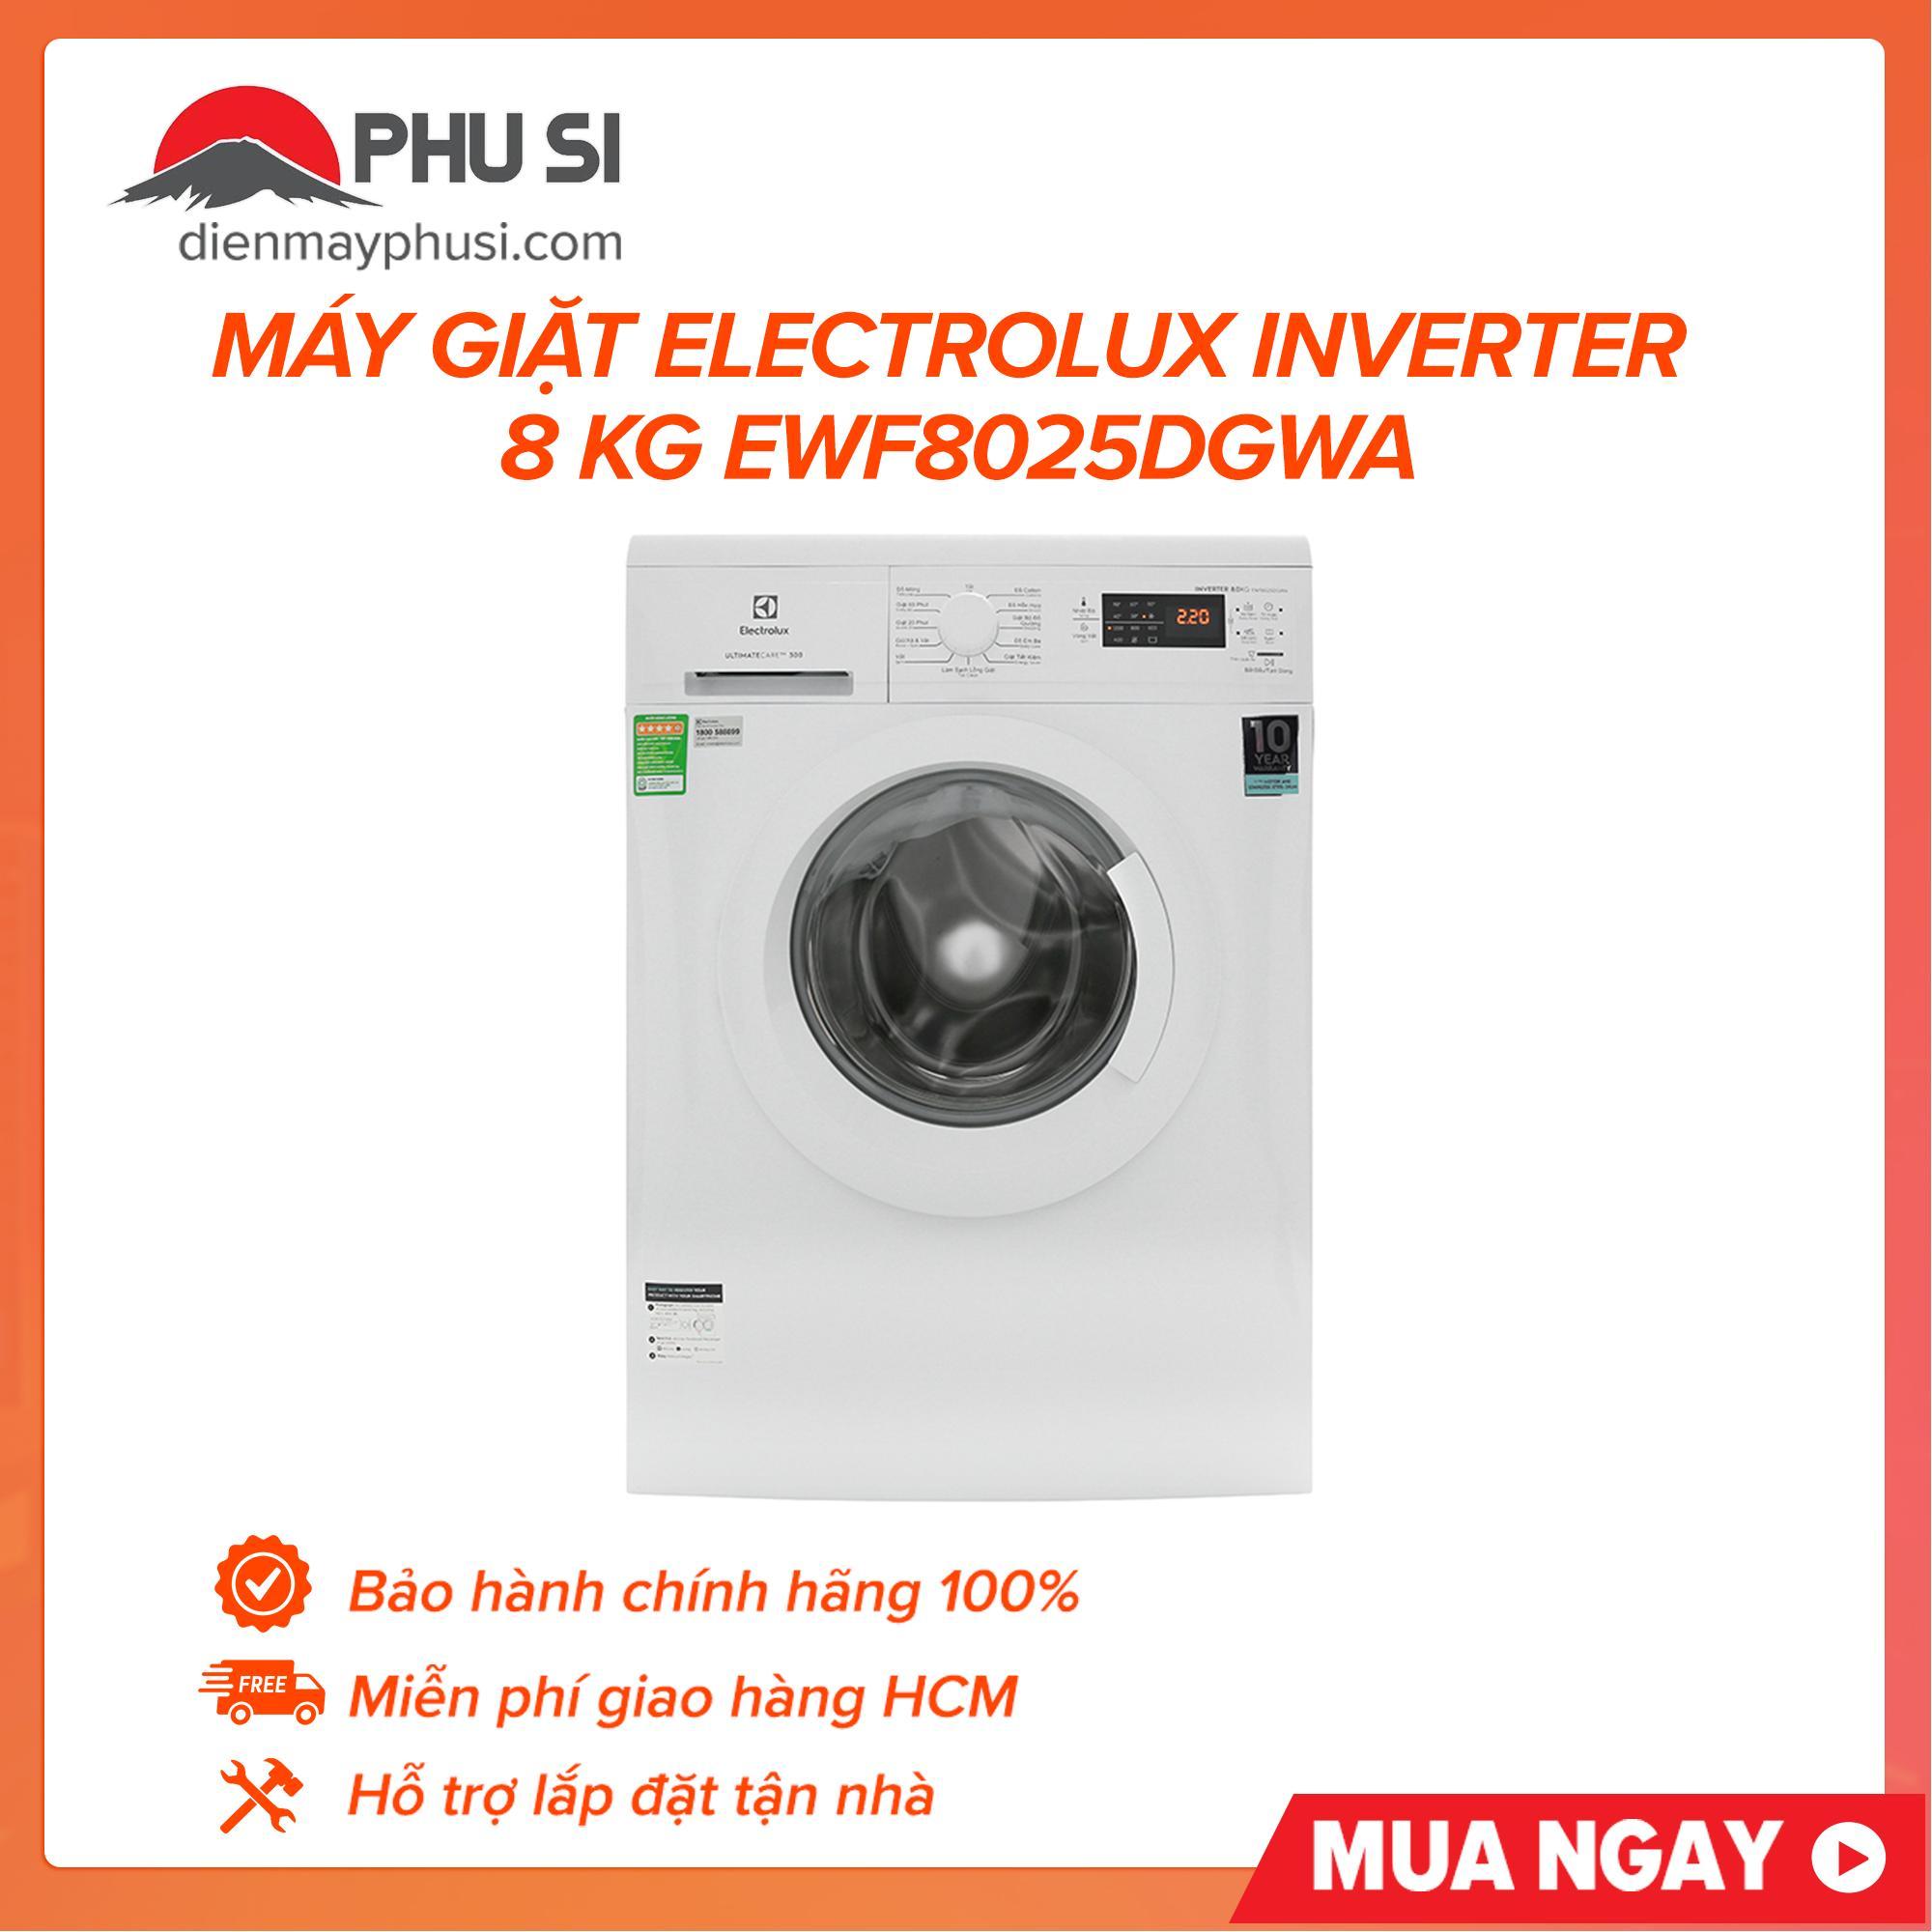 {Sưu tập voucher 99k} Máy giặt Electrolux Inverter 8 Kg EWF8025DGWA , loại máy giặt cửa trước, lồng ngang với 10 chương trình hoạt động_Bảo hành 2 năm